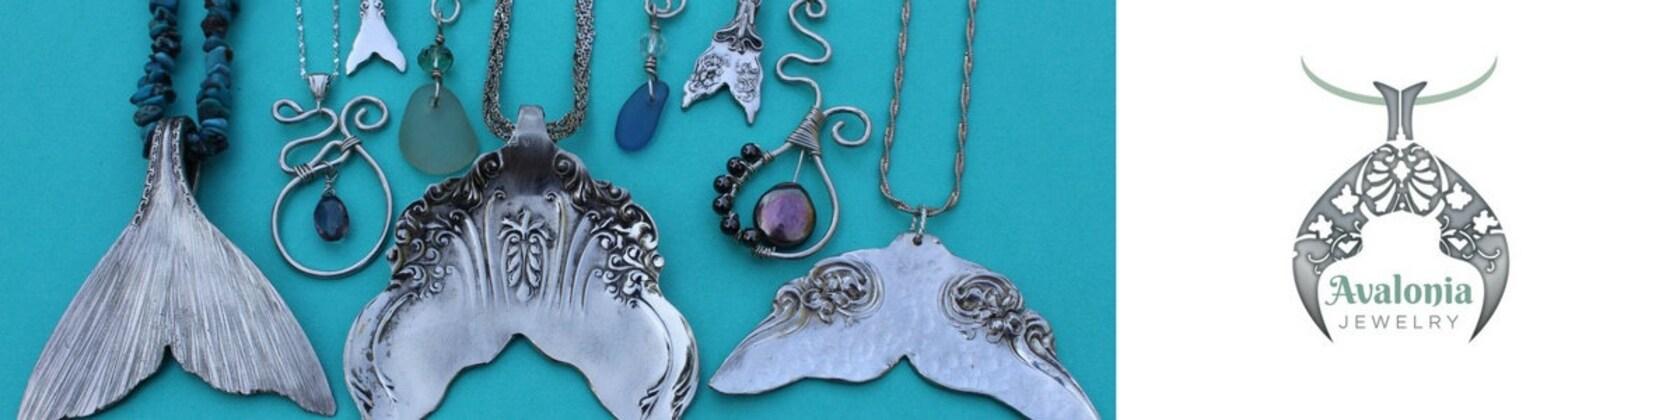 Avalonia Jewelry by AvaloniaJewelry on Etsy